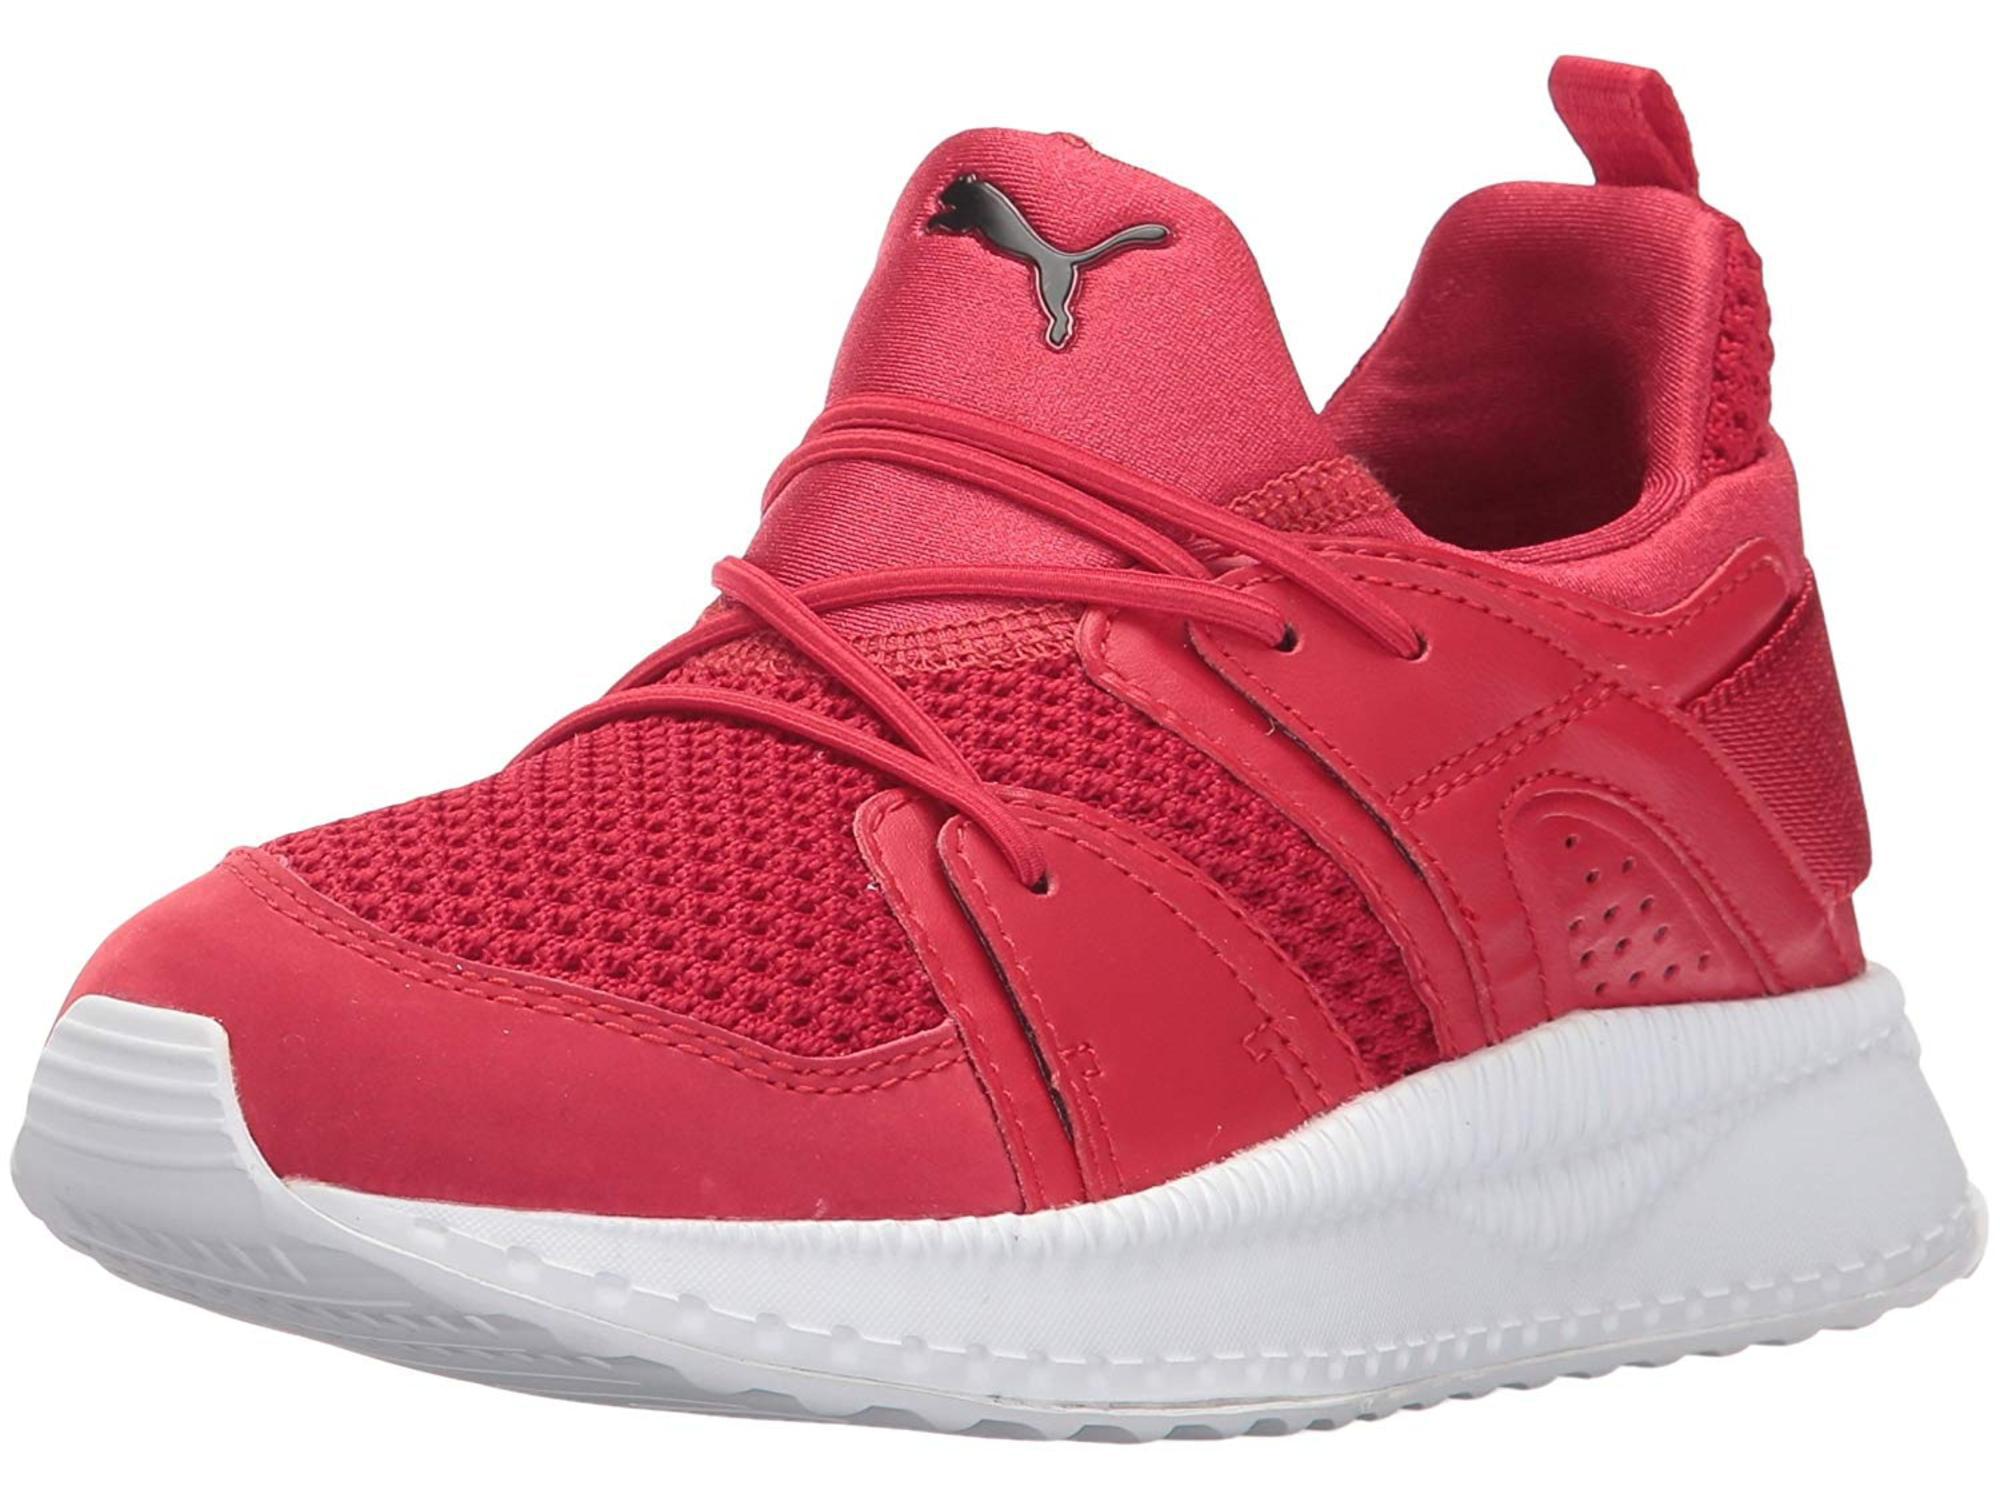 c13ba50e608c59 PUMA Kids  Tsugi Blaze Jr Sneaker